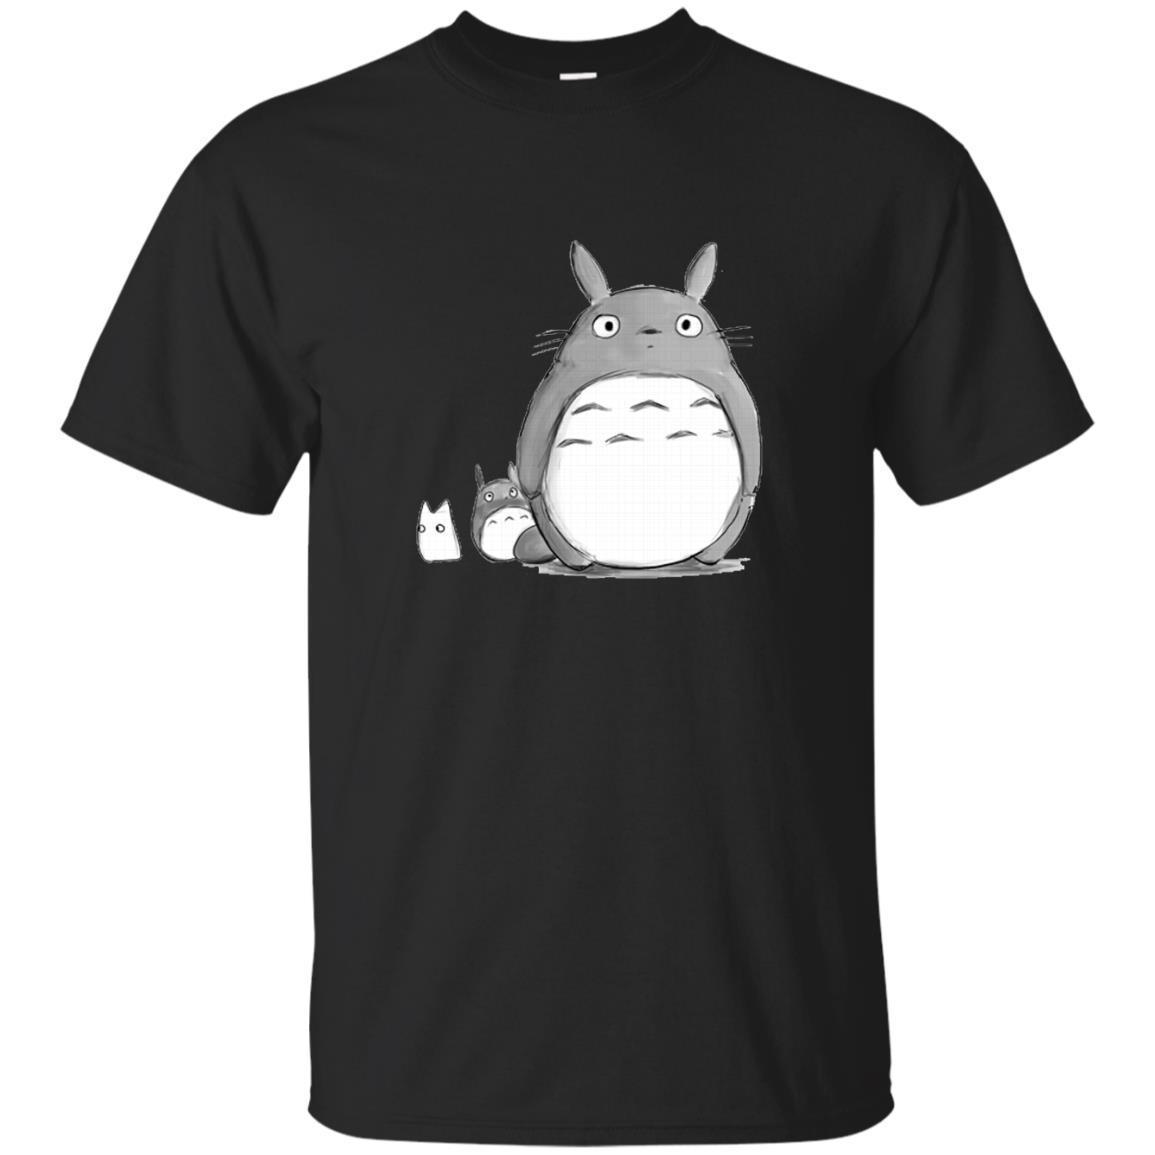 T-oto-ro T-shirt